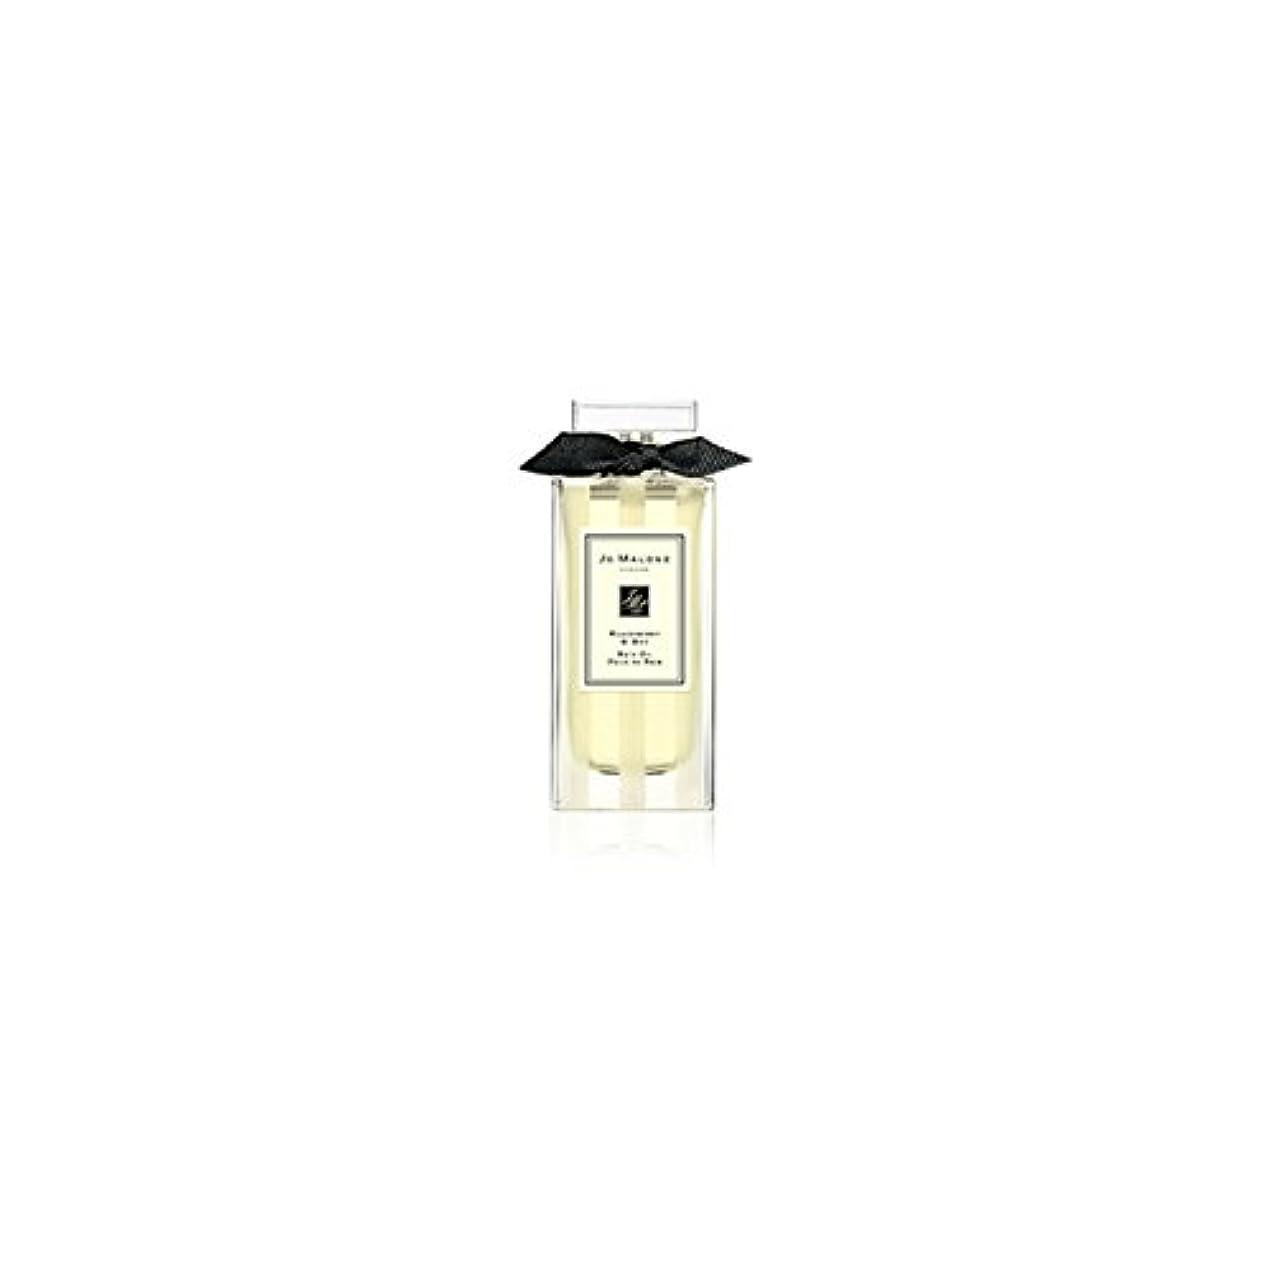 放棄する法廷さわやかJo Malone Blackberry & Bay Bath Oil - 30ml (Pack of 6) - ジョーマローンブラックベリー&ベイバスオイル - 30ミリリットル (x6) [並行輸入品]